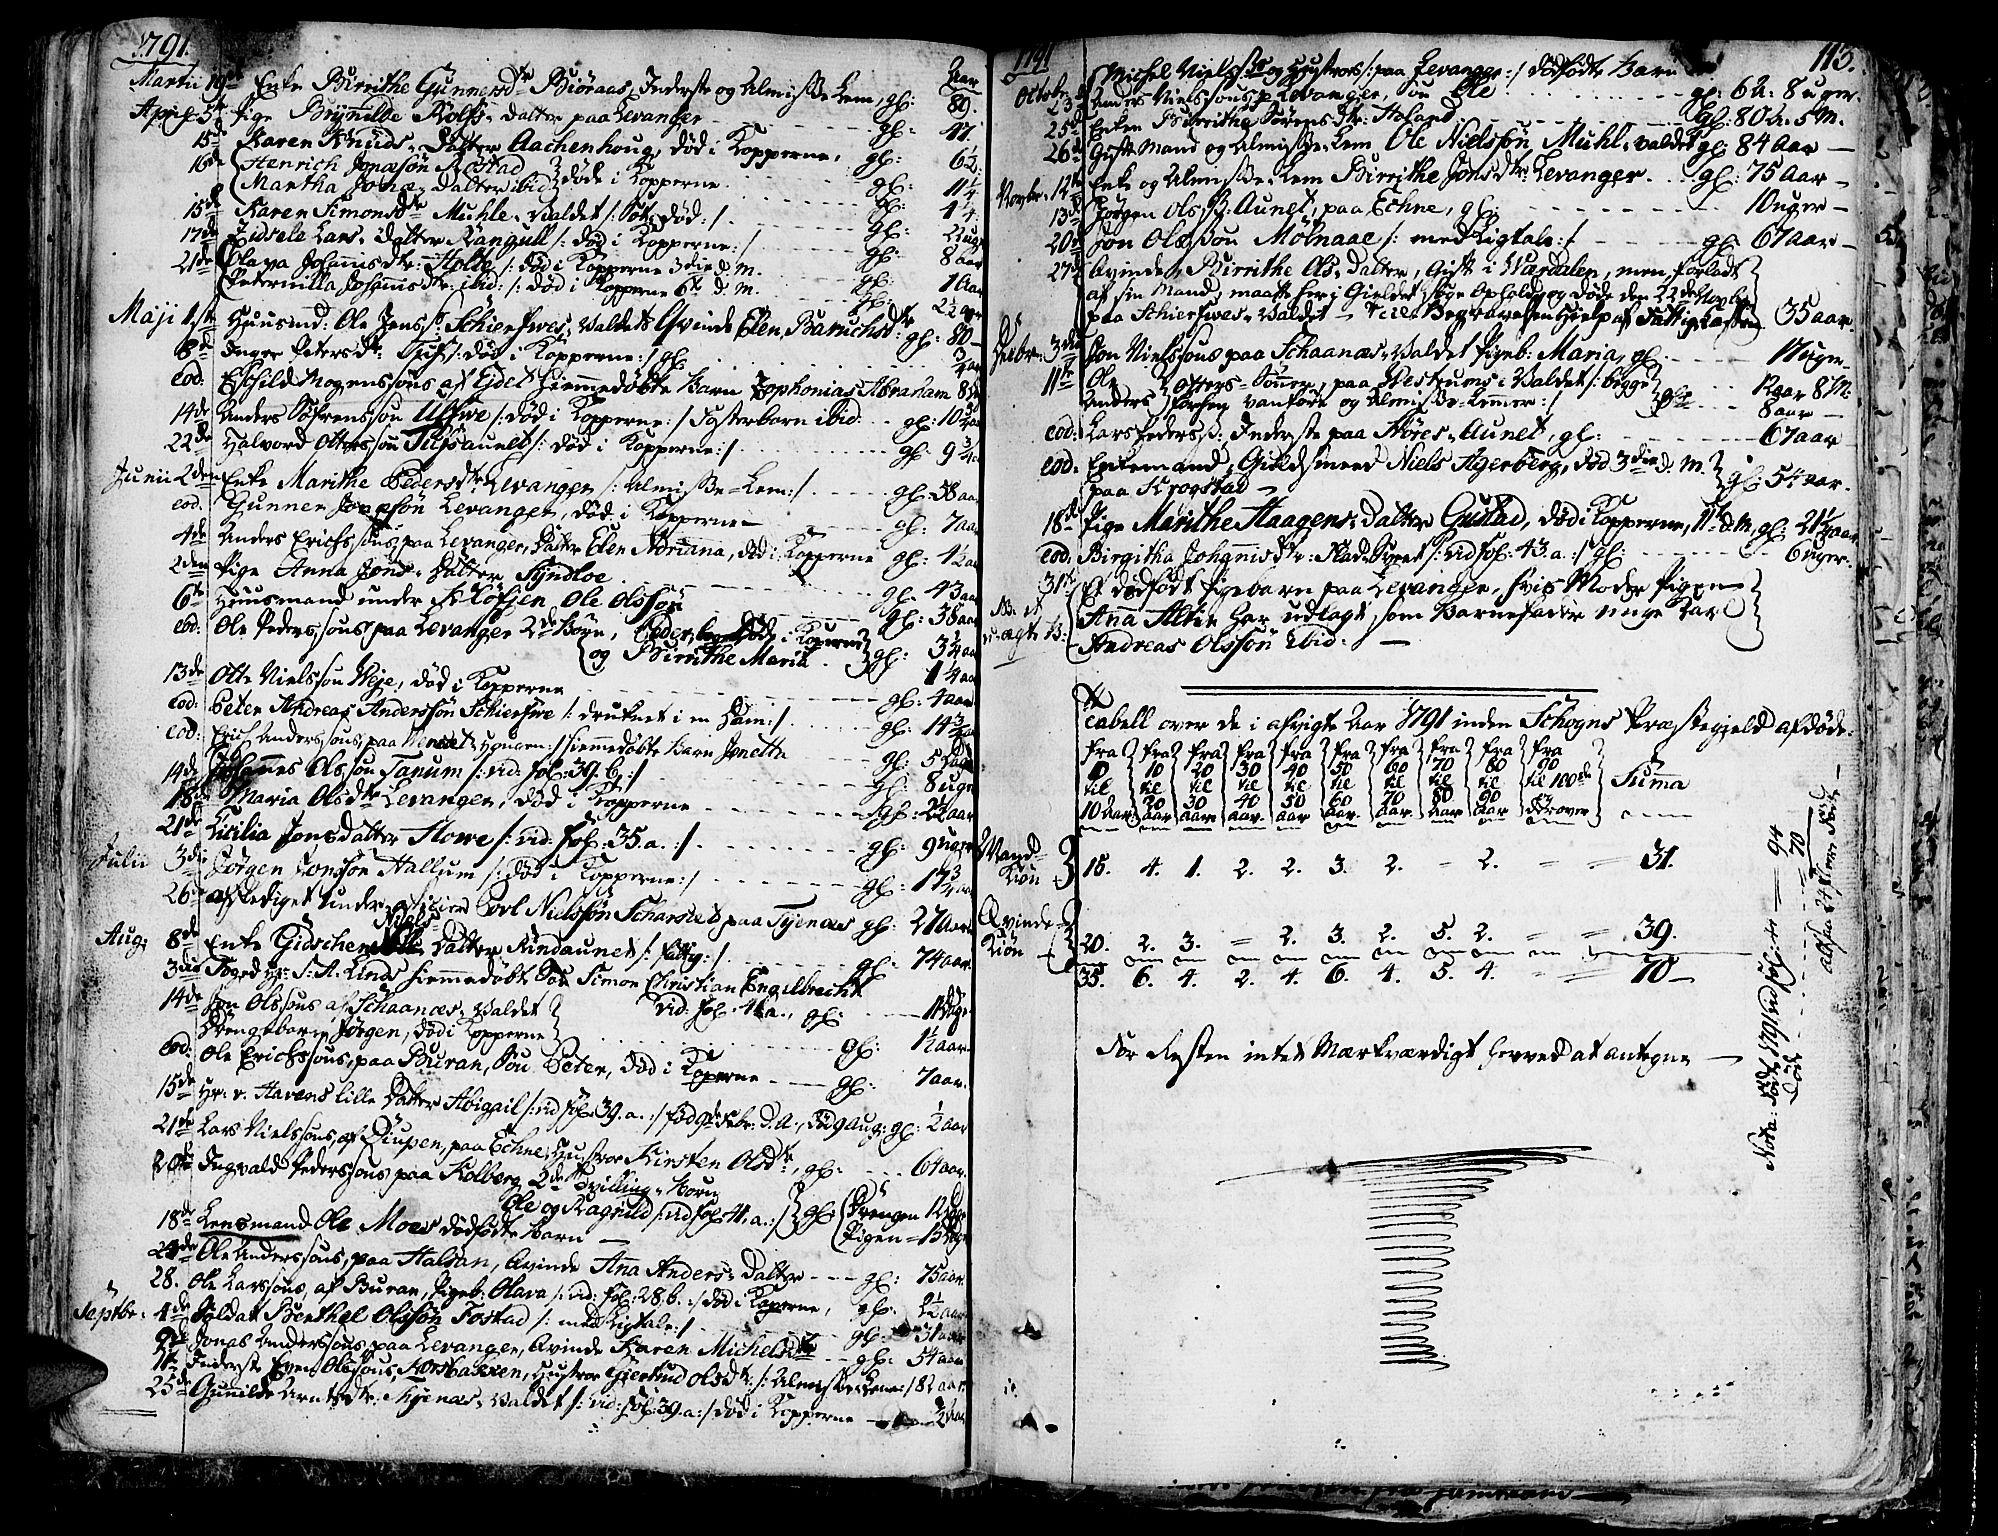 SAT, Ministerialprotokoller, klokkerbøker og fødselsregistre - Nord-Trøndelag, 717/L0142: Ministerialbok nr. 717A02 /1, 1783-1809, s. 113